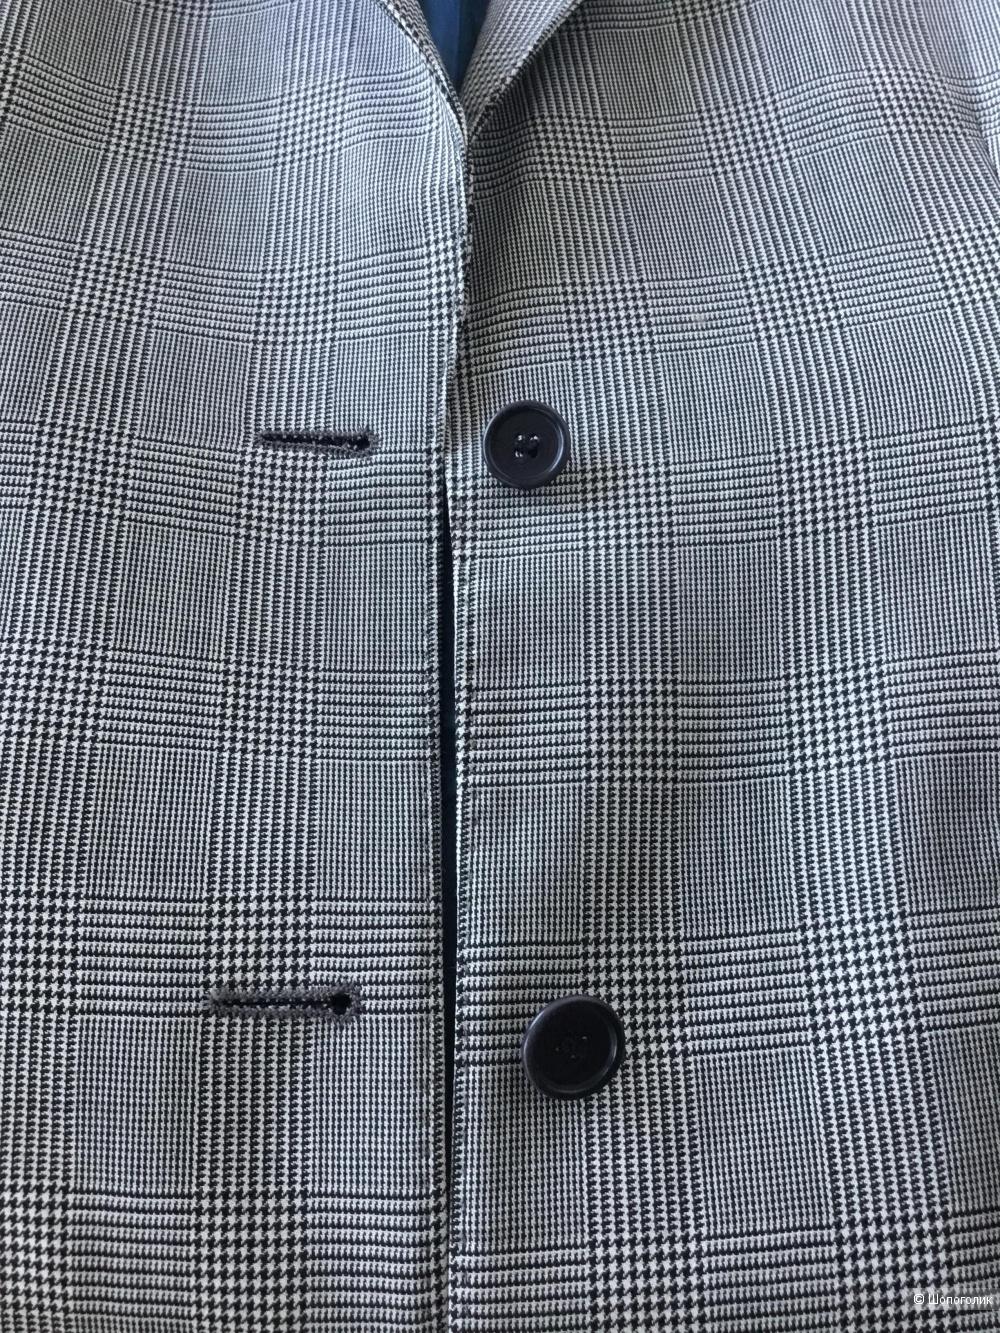 Пиджак Marks&Spenser 46-48 размер